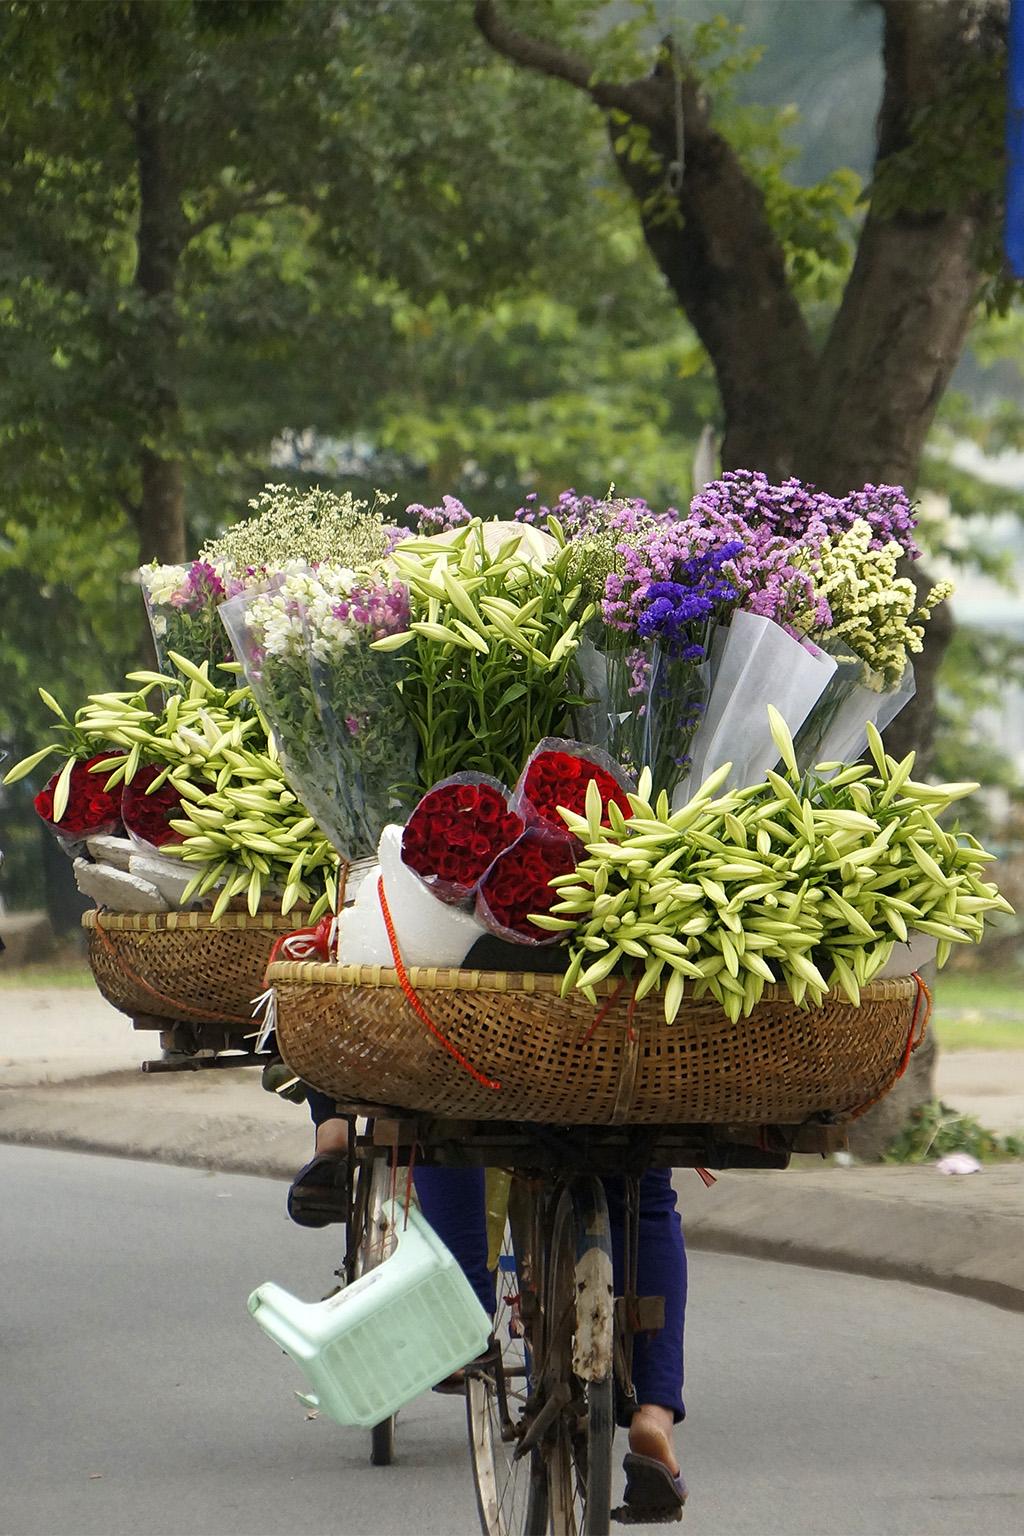 Du lịch tháng 4 Hà Nội cùng mùa hoa loa kèn